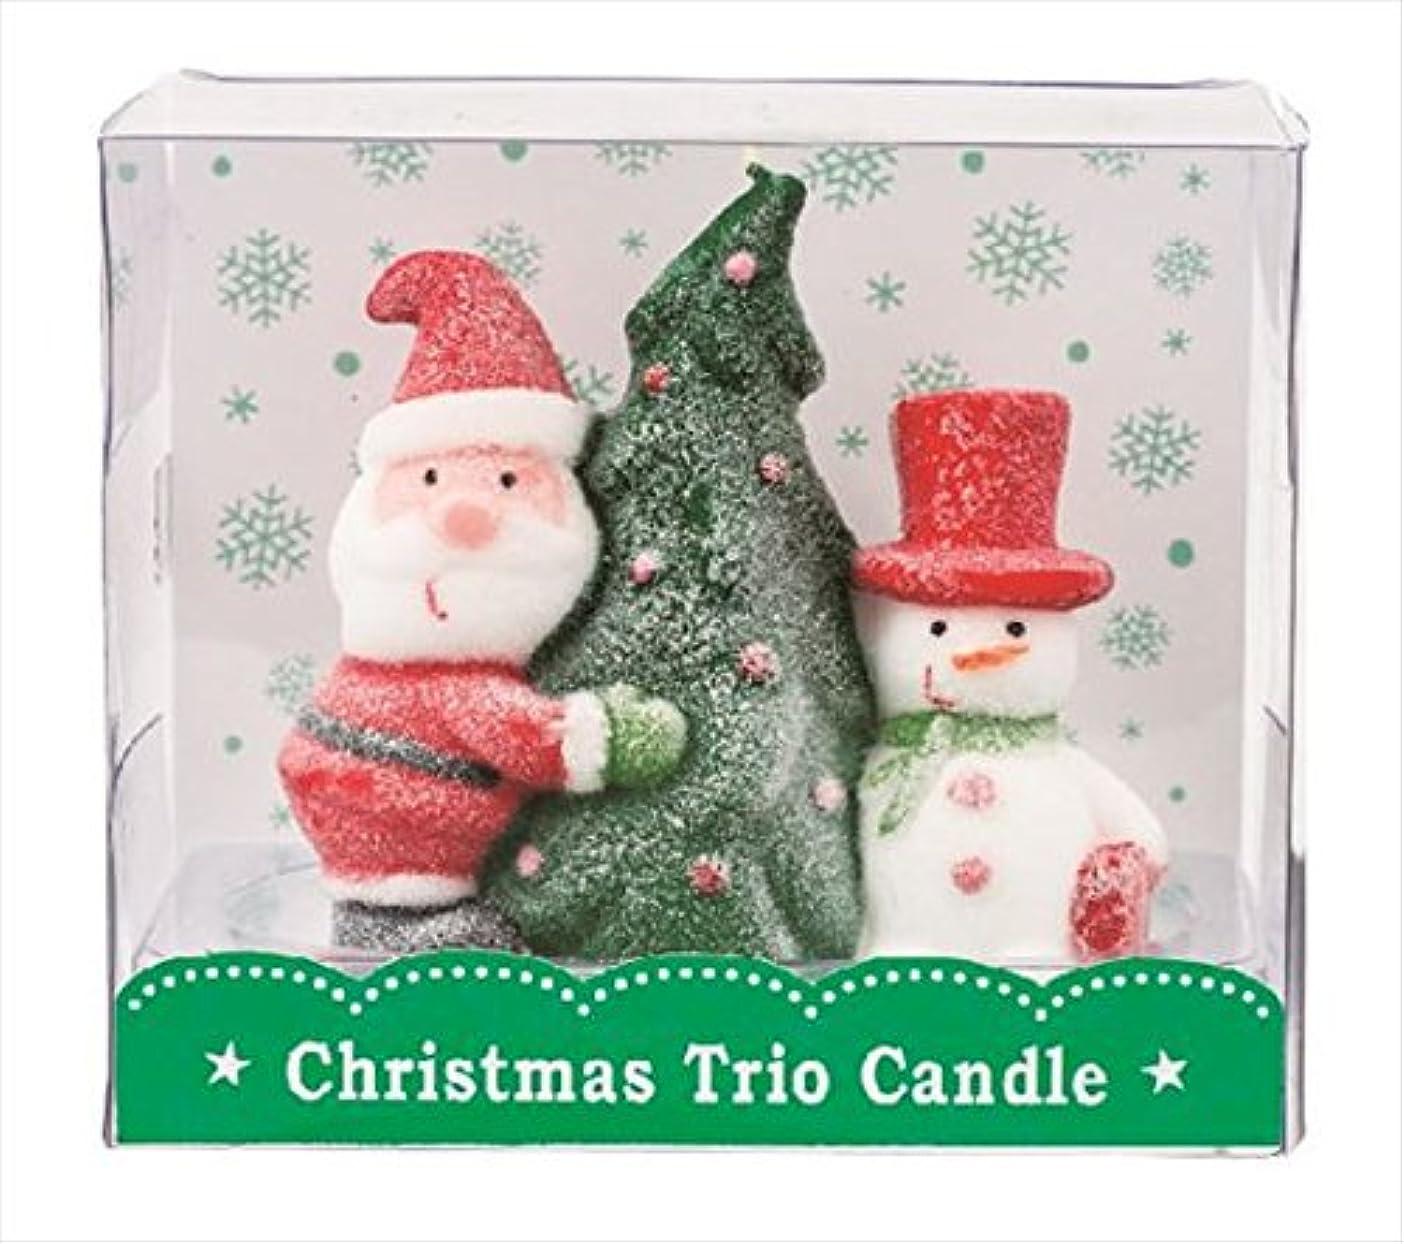 移住するベッドを作るパトロンカメヤマキャンドル(kameyama candle) クリスマストリオキャンドル 「 ツリー 」